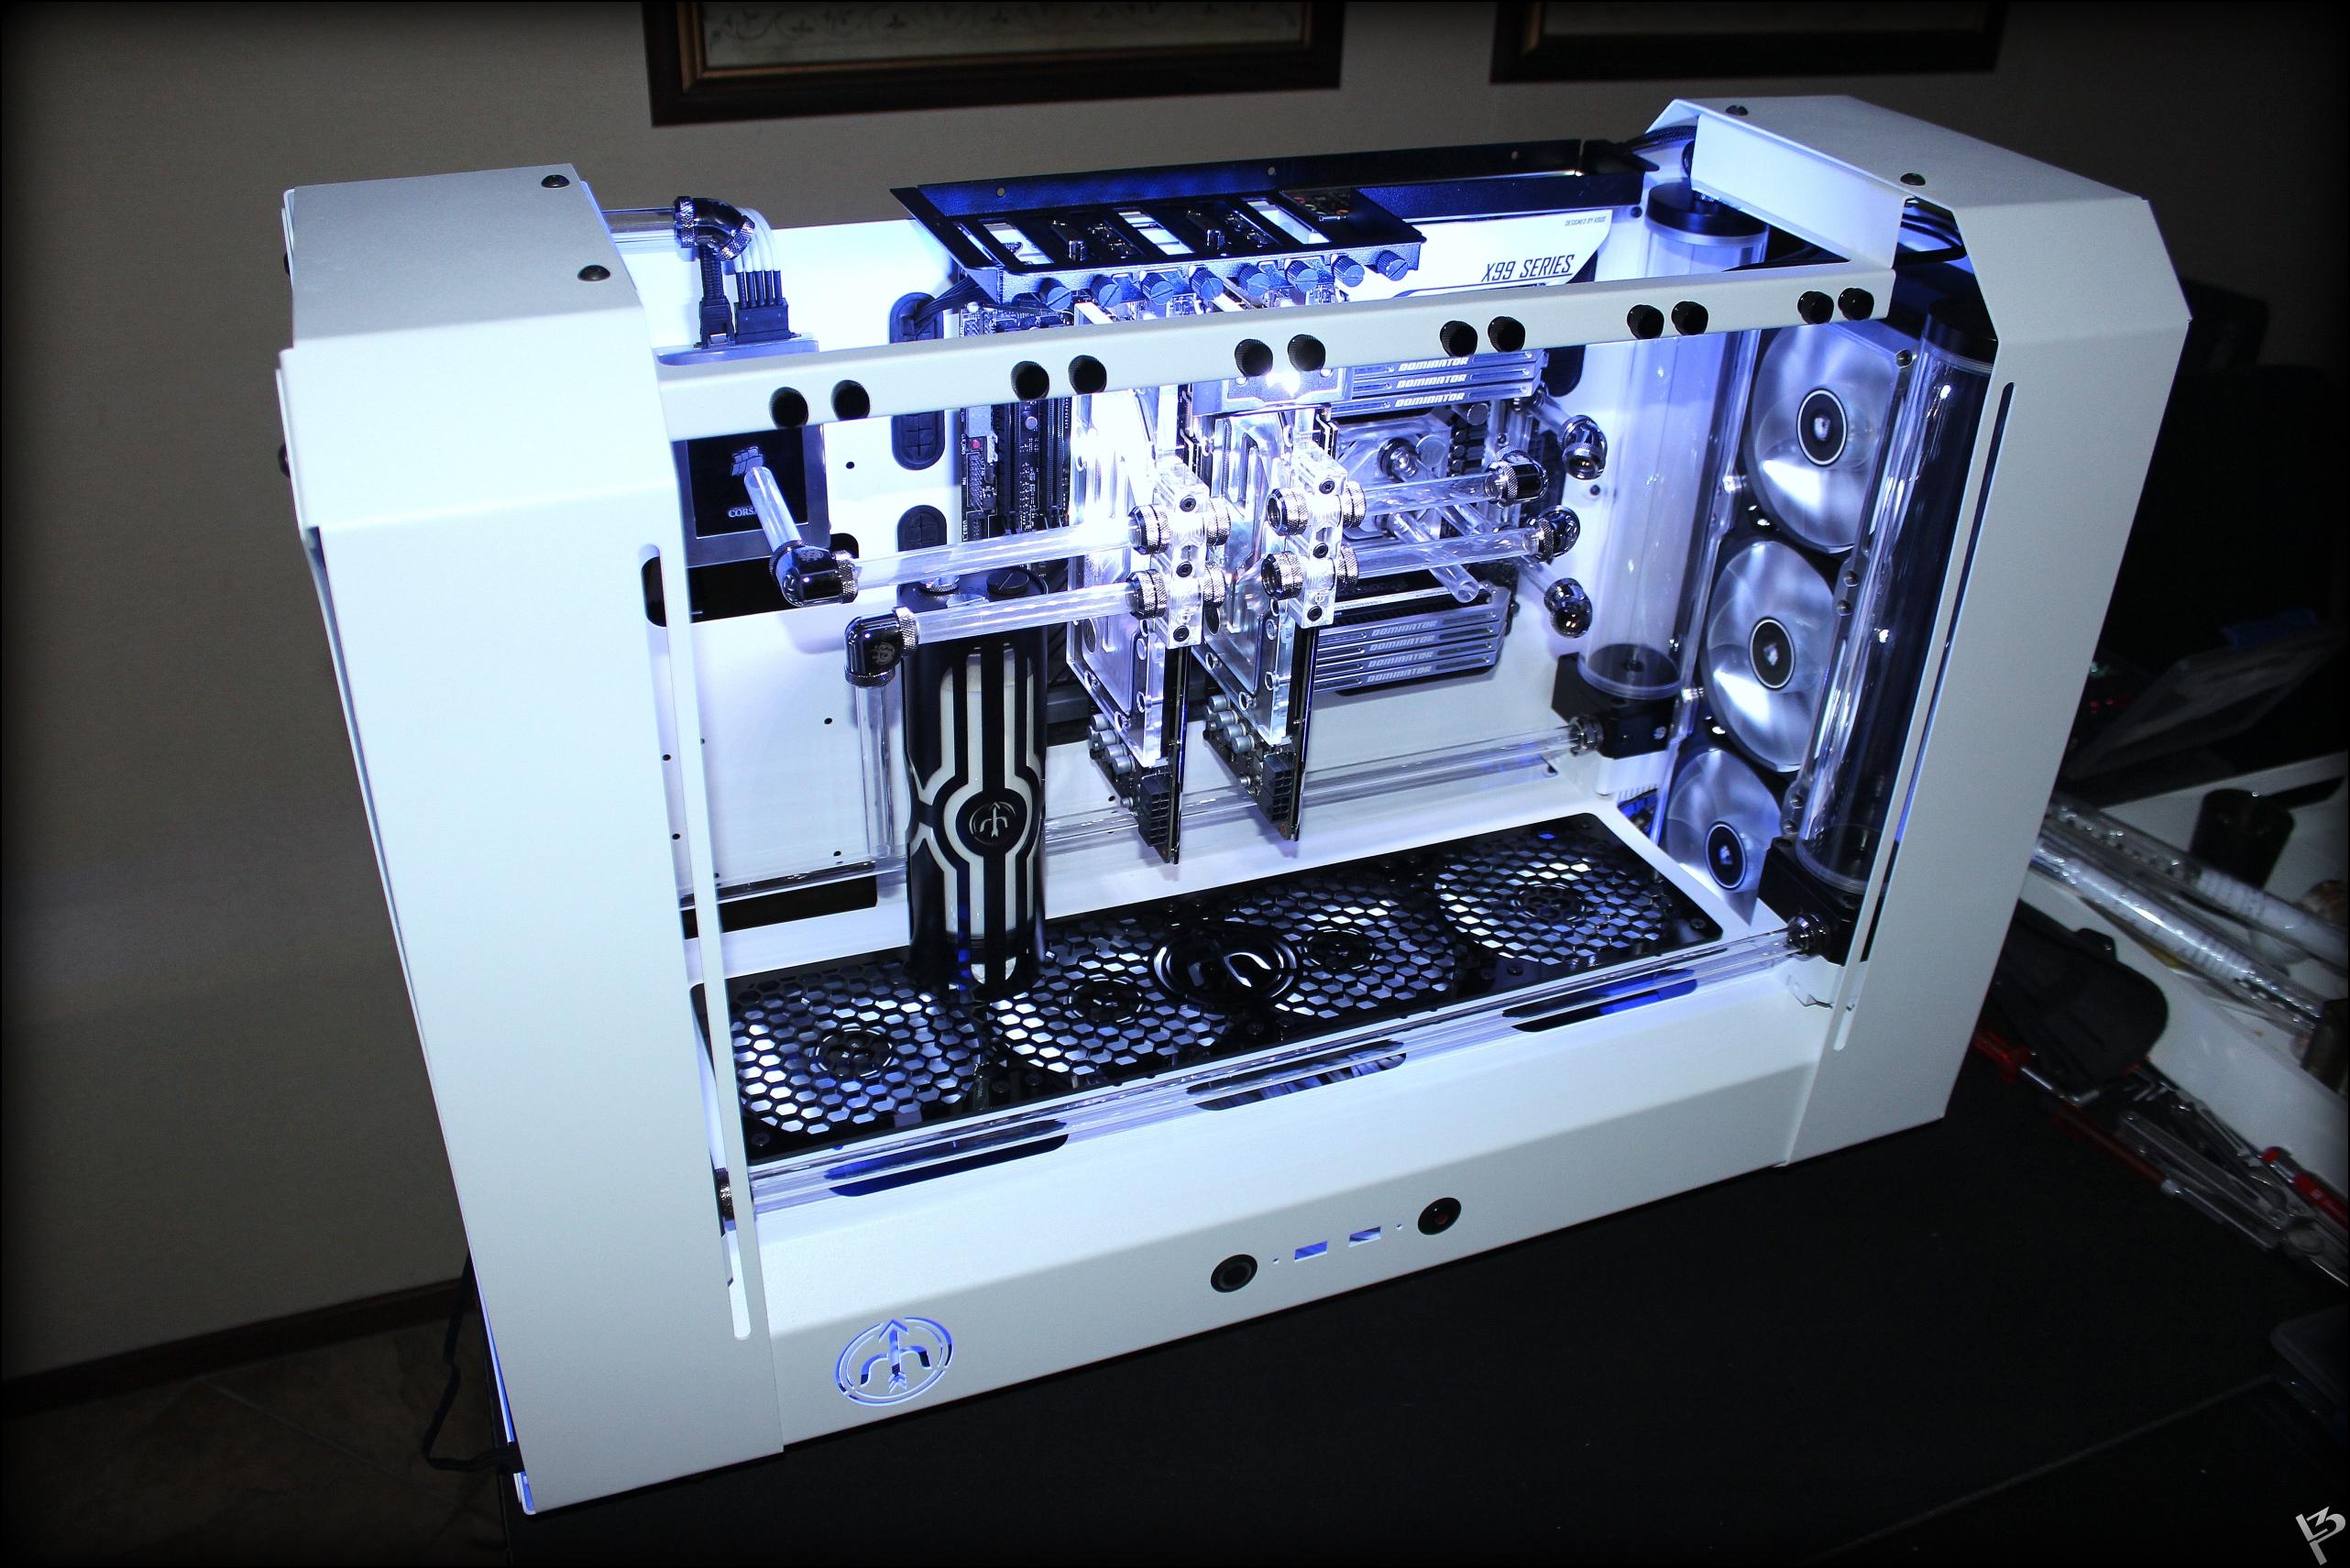 """Počítač z dílny známého moddera - Petera """"L3p"""" Brandse. Klepněte pro zvětšení"""